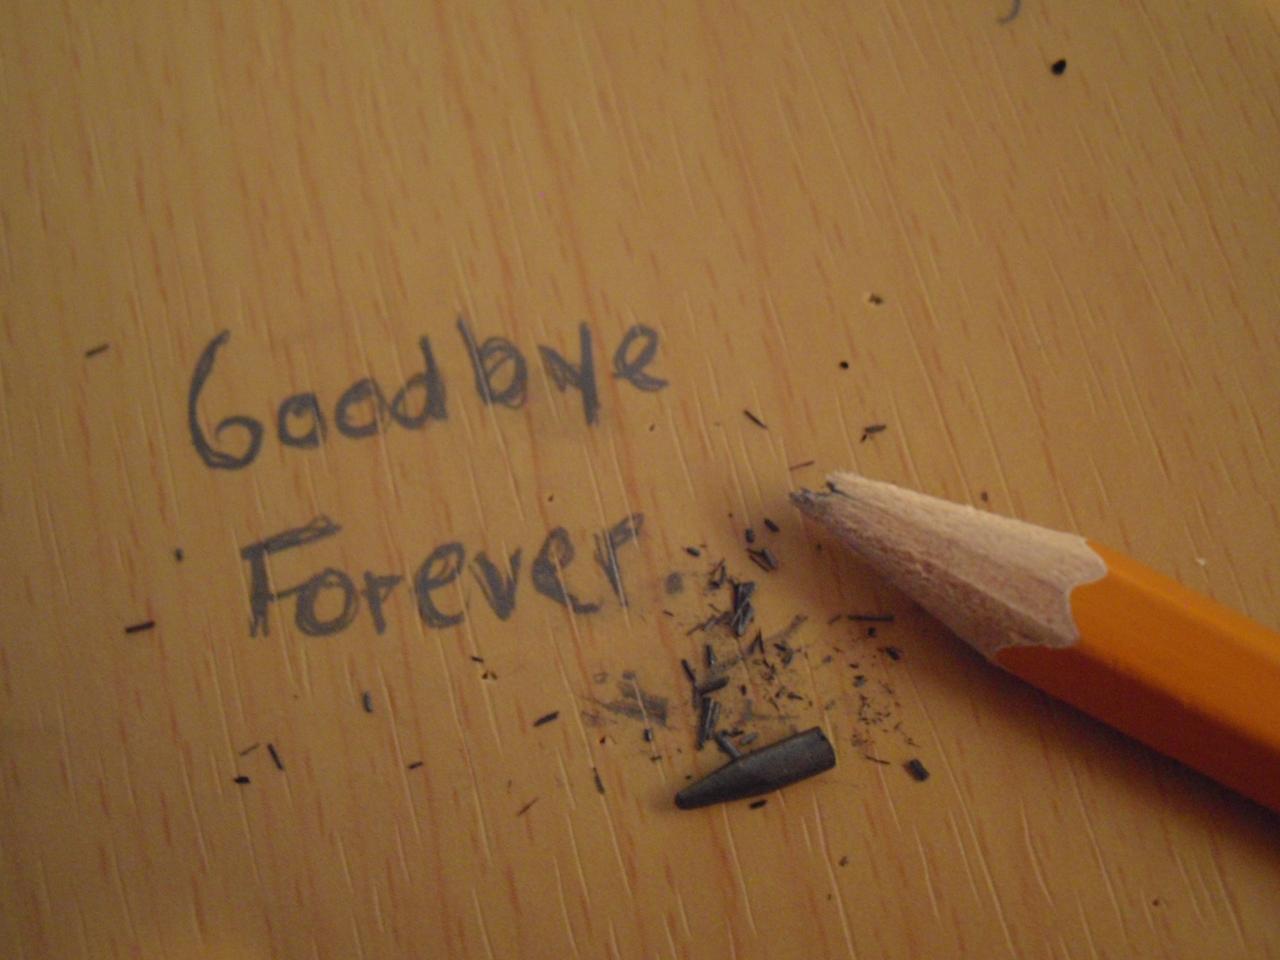 صورة وداع الاصدقاء فيس بوك , اجمل خواطر و صور عن وداع الاصدقاء